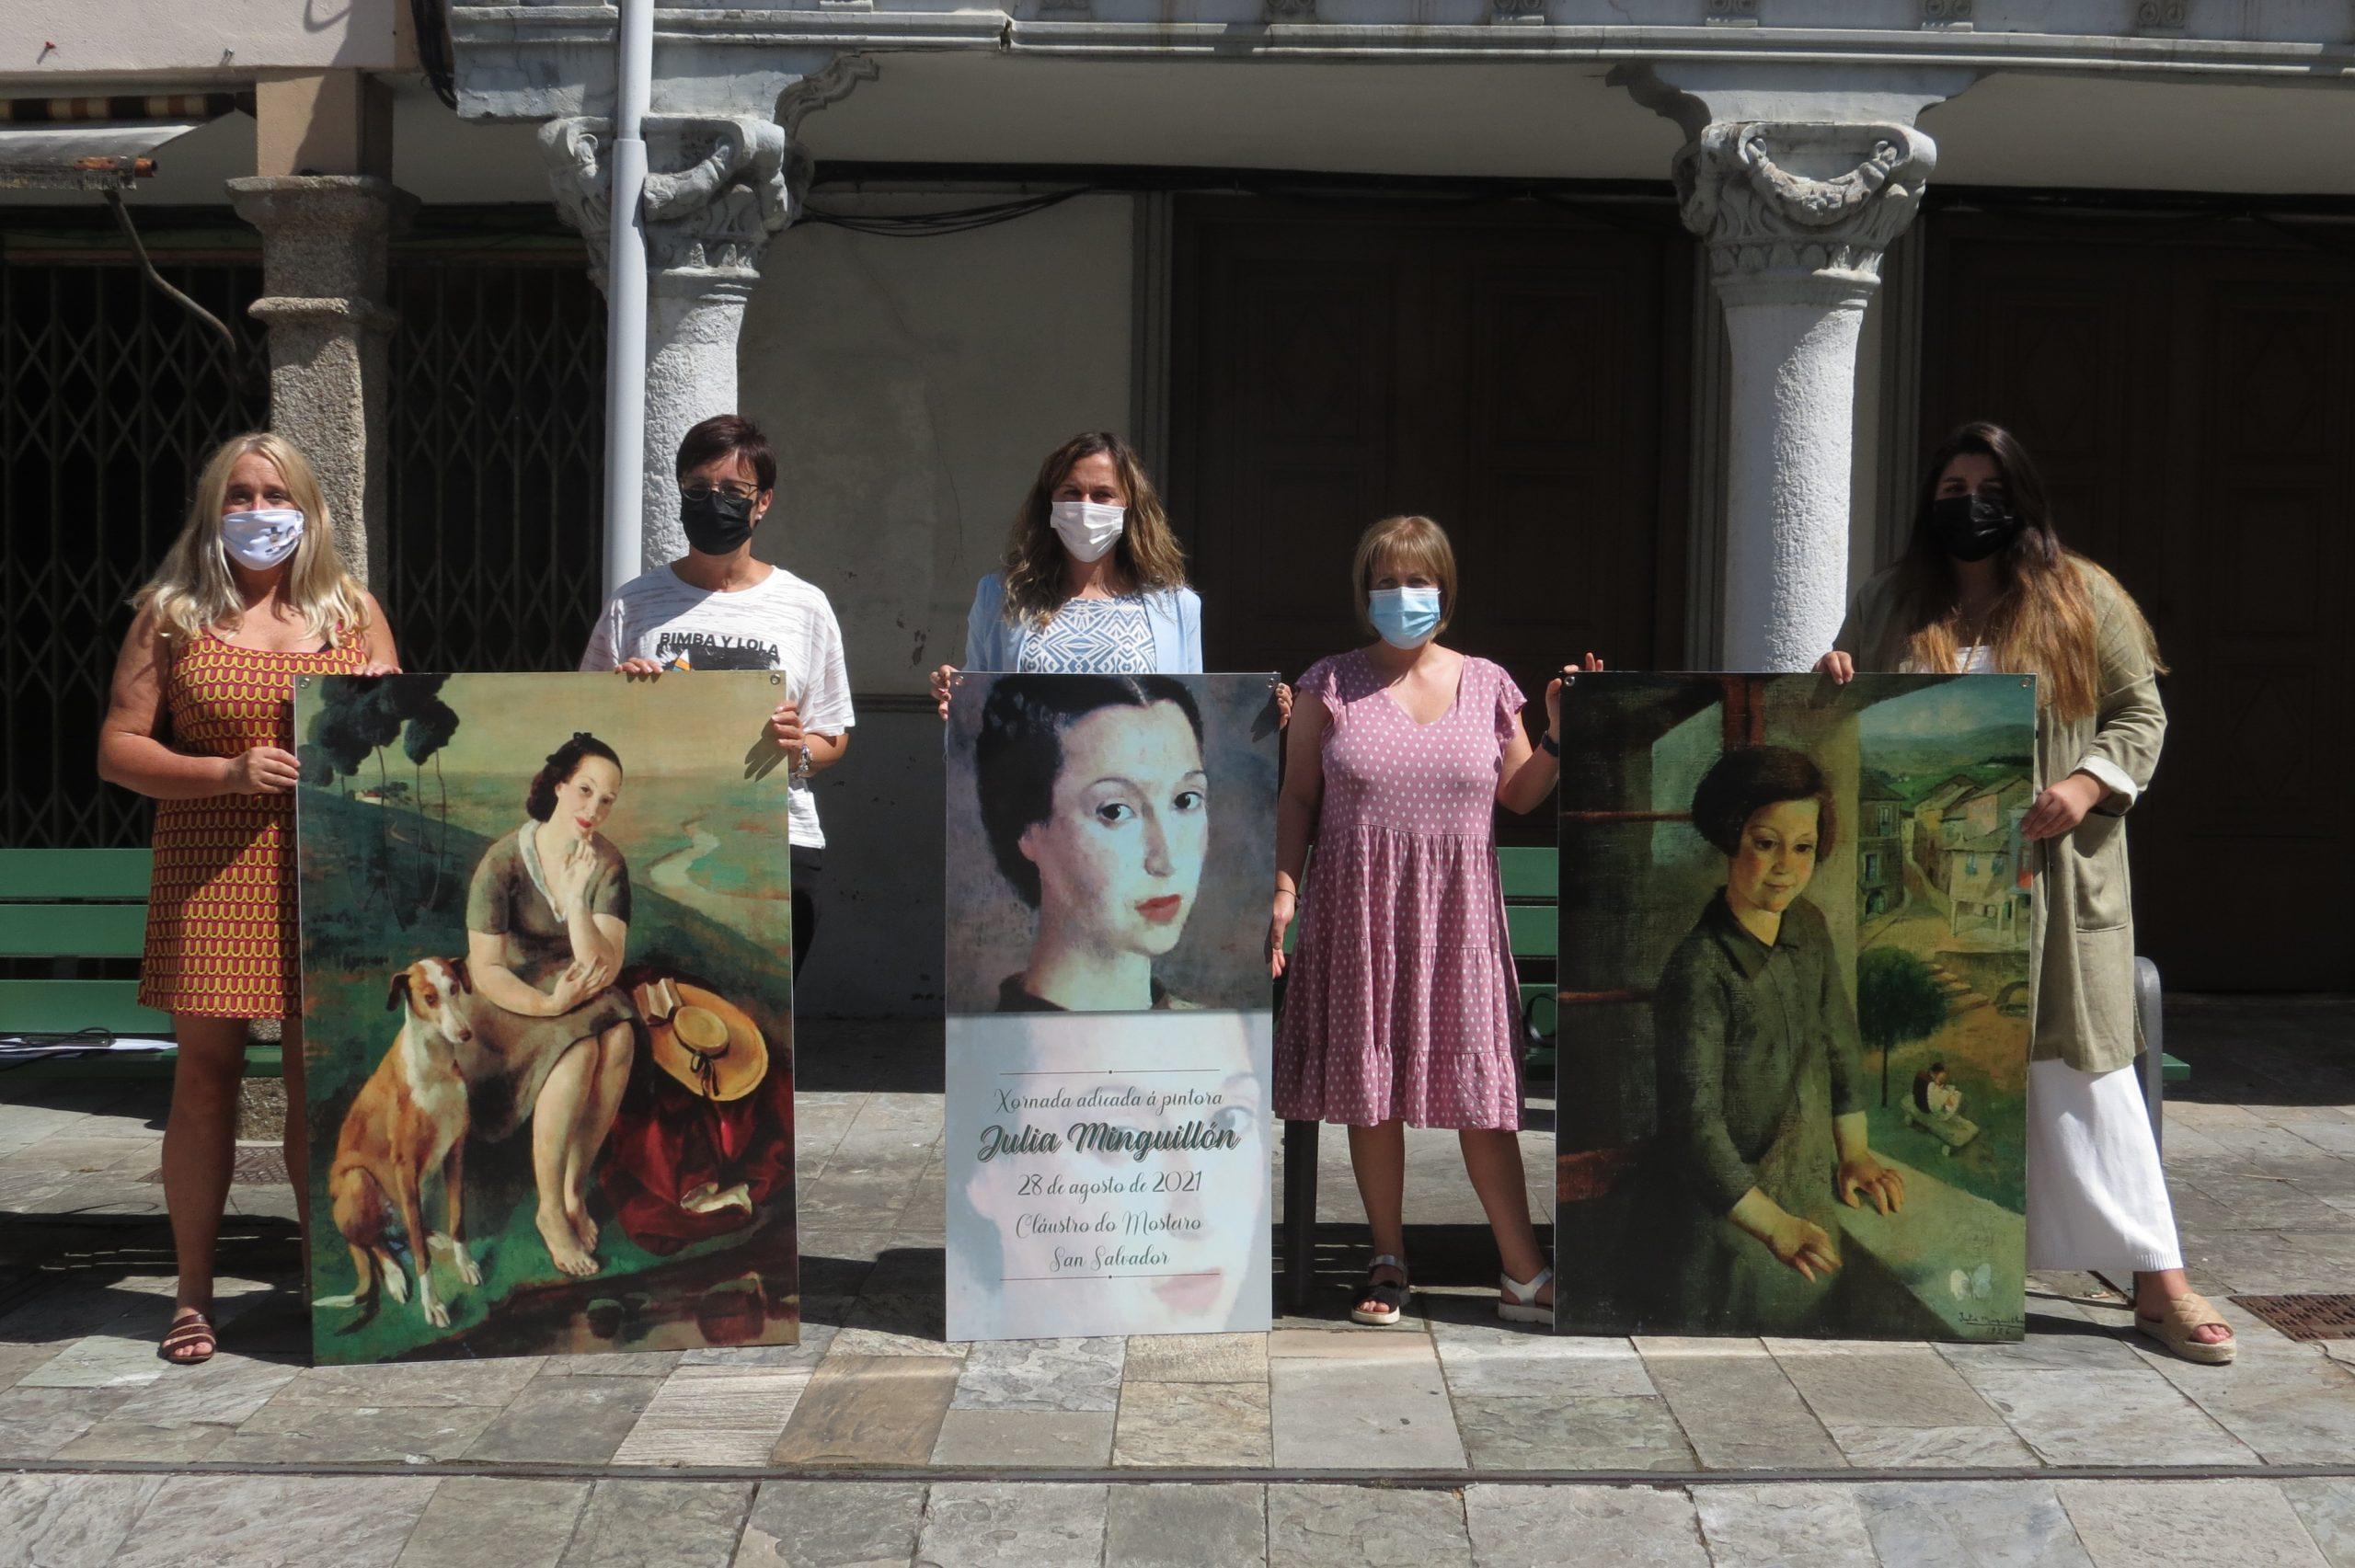 Lourenzá dedica unha xornada a Julia Minguillón e exporá as súas obras na rúa